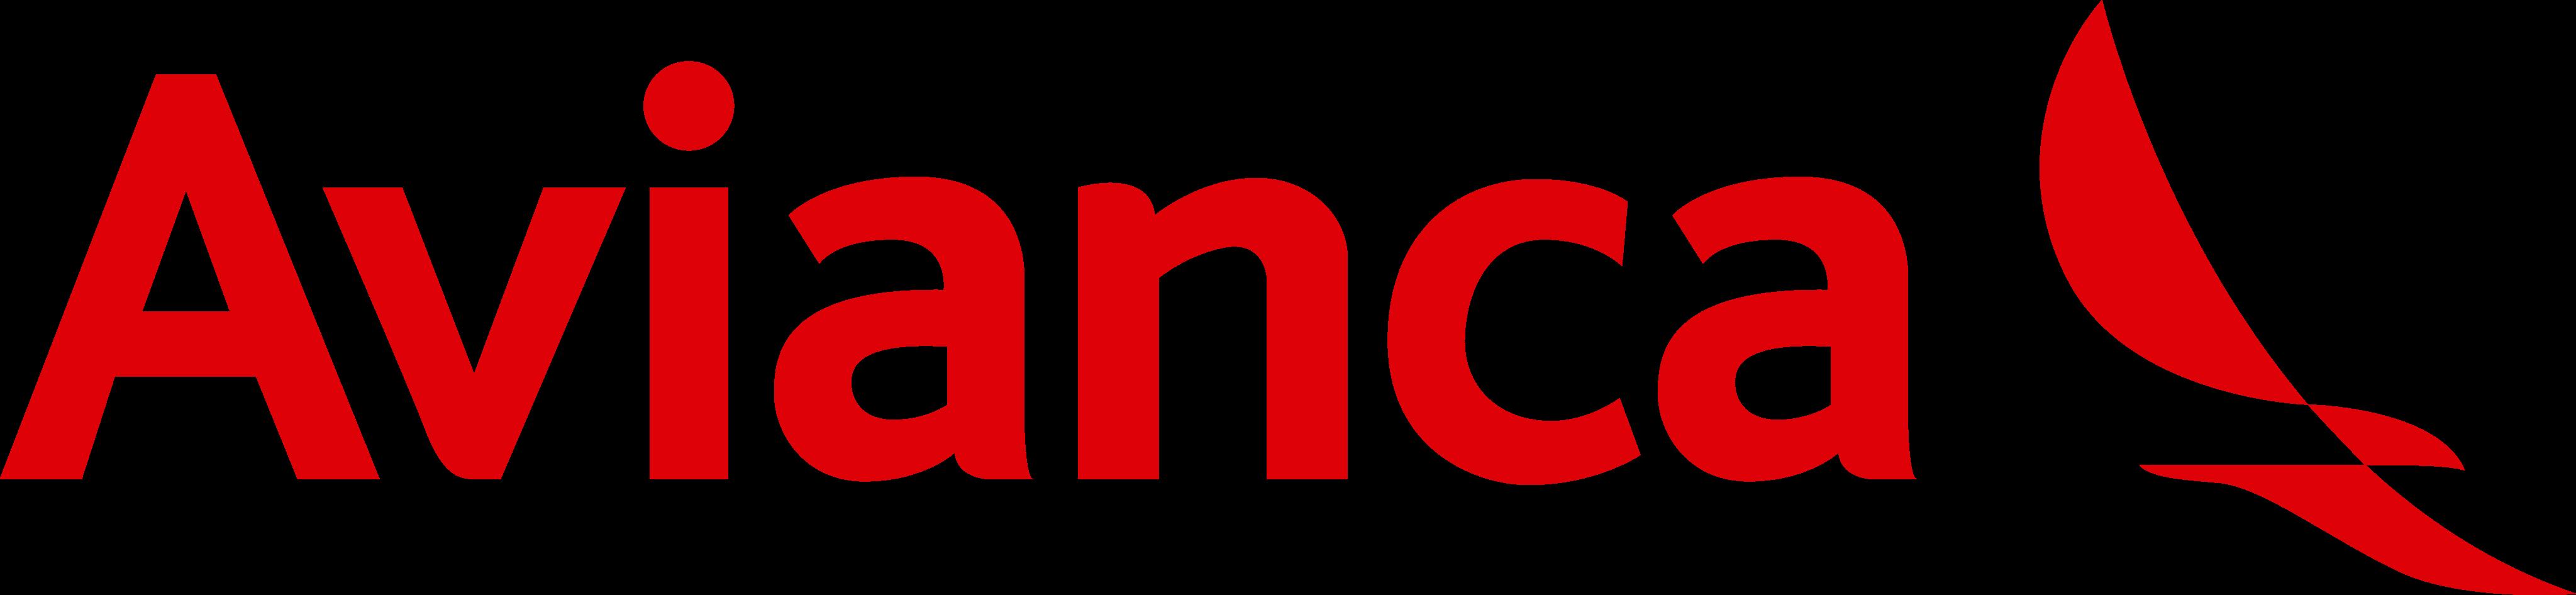 avianca logo 1 1 - Avianca Logo